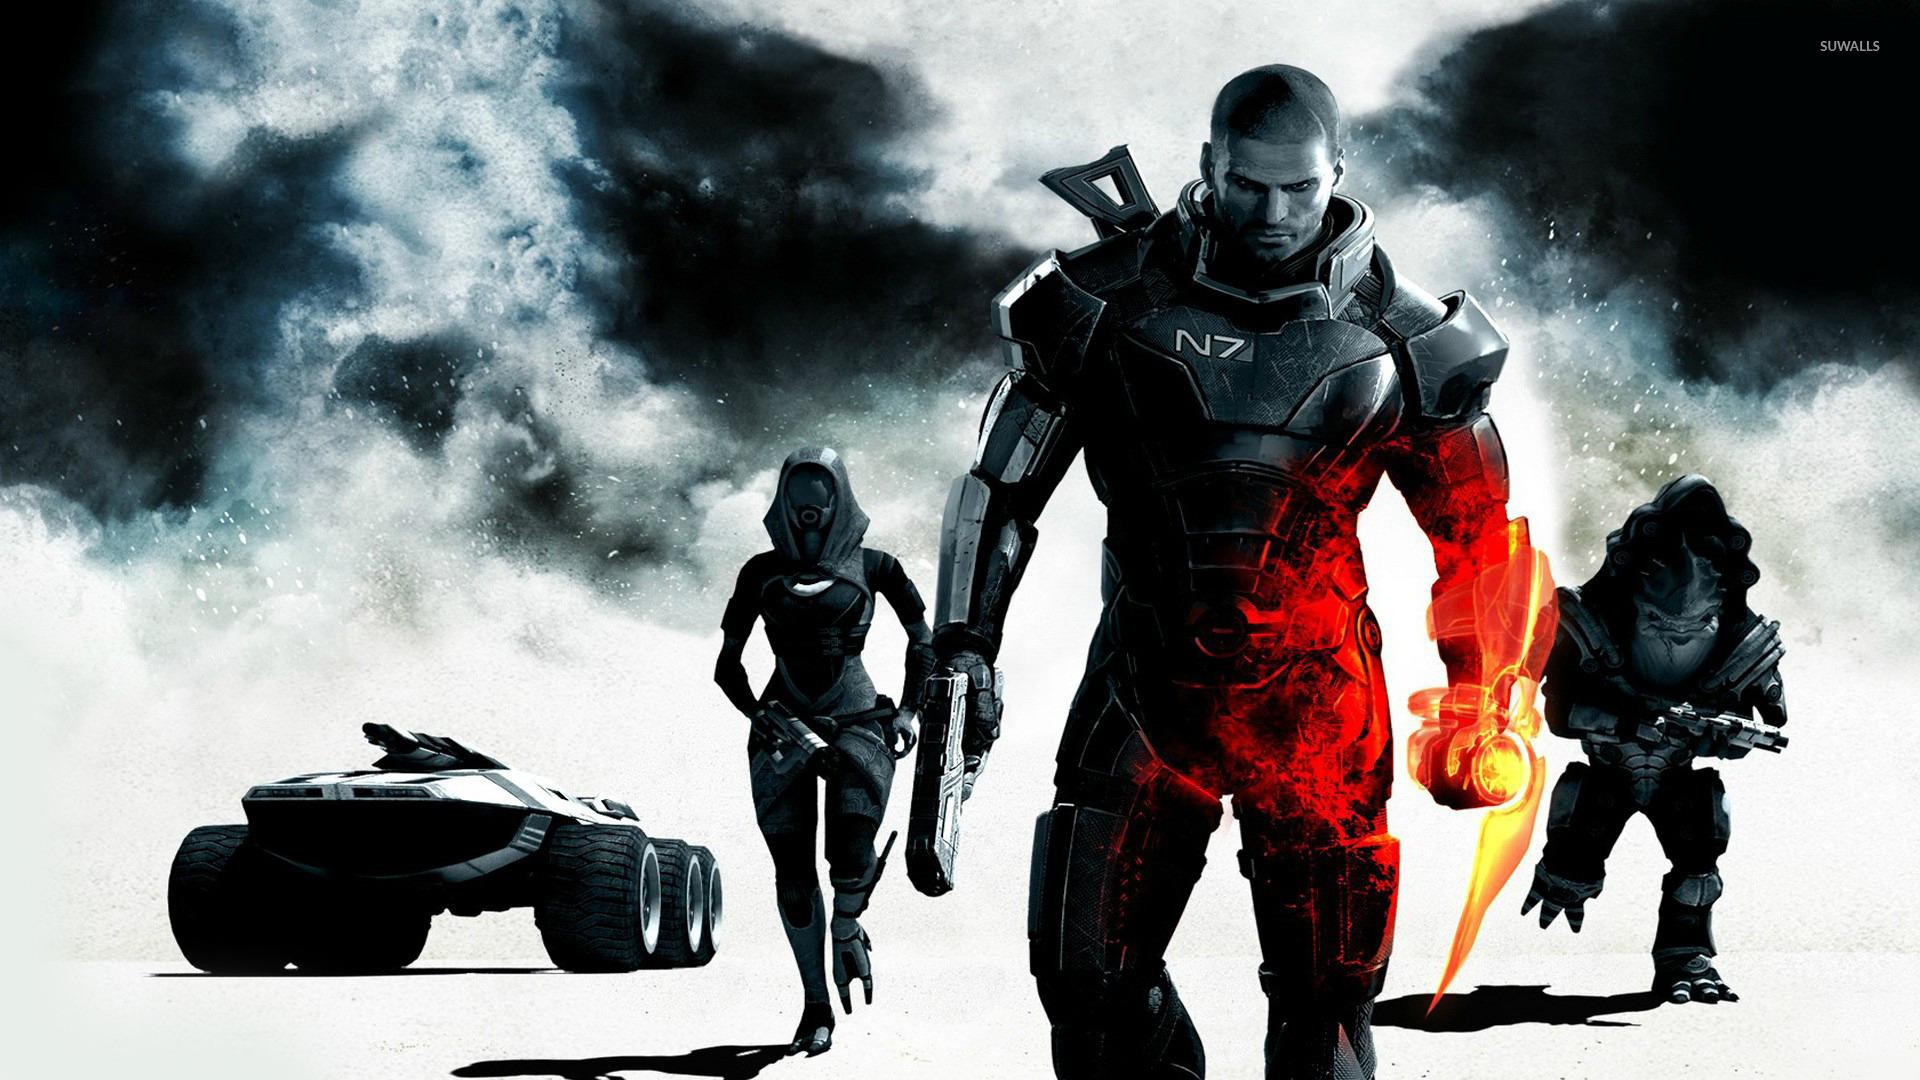 Mass Effect 3 11 Wallpaper Game Wallpapers 22878